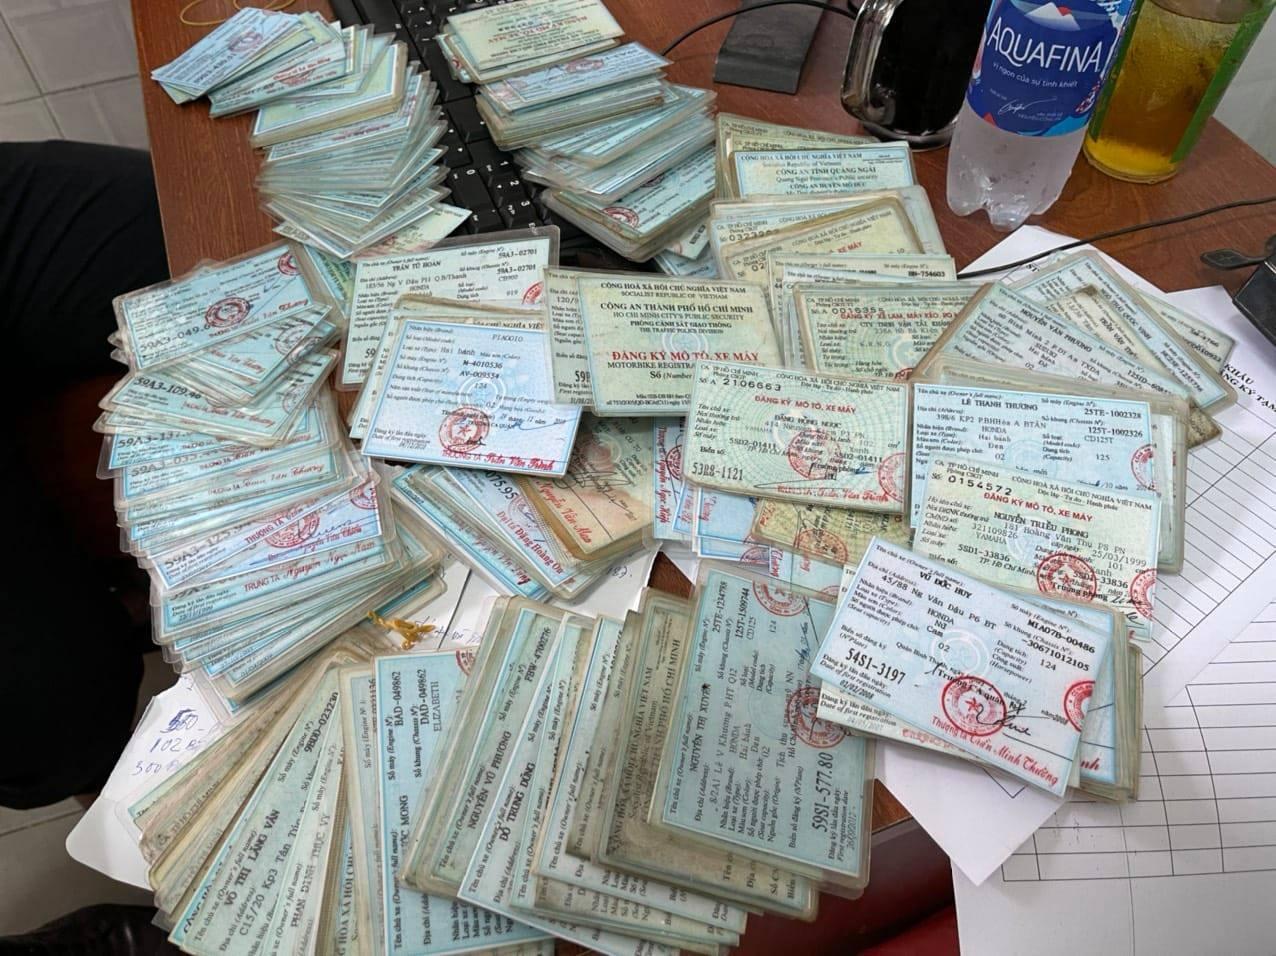 Phá đường dây làm thẻ ngành công an, giấy tờ giả qua mạng ở TP.HCM: Kẻ cầm đầu